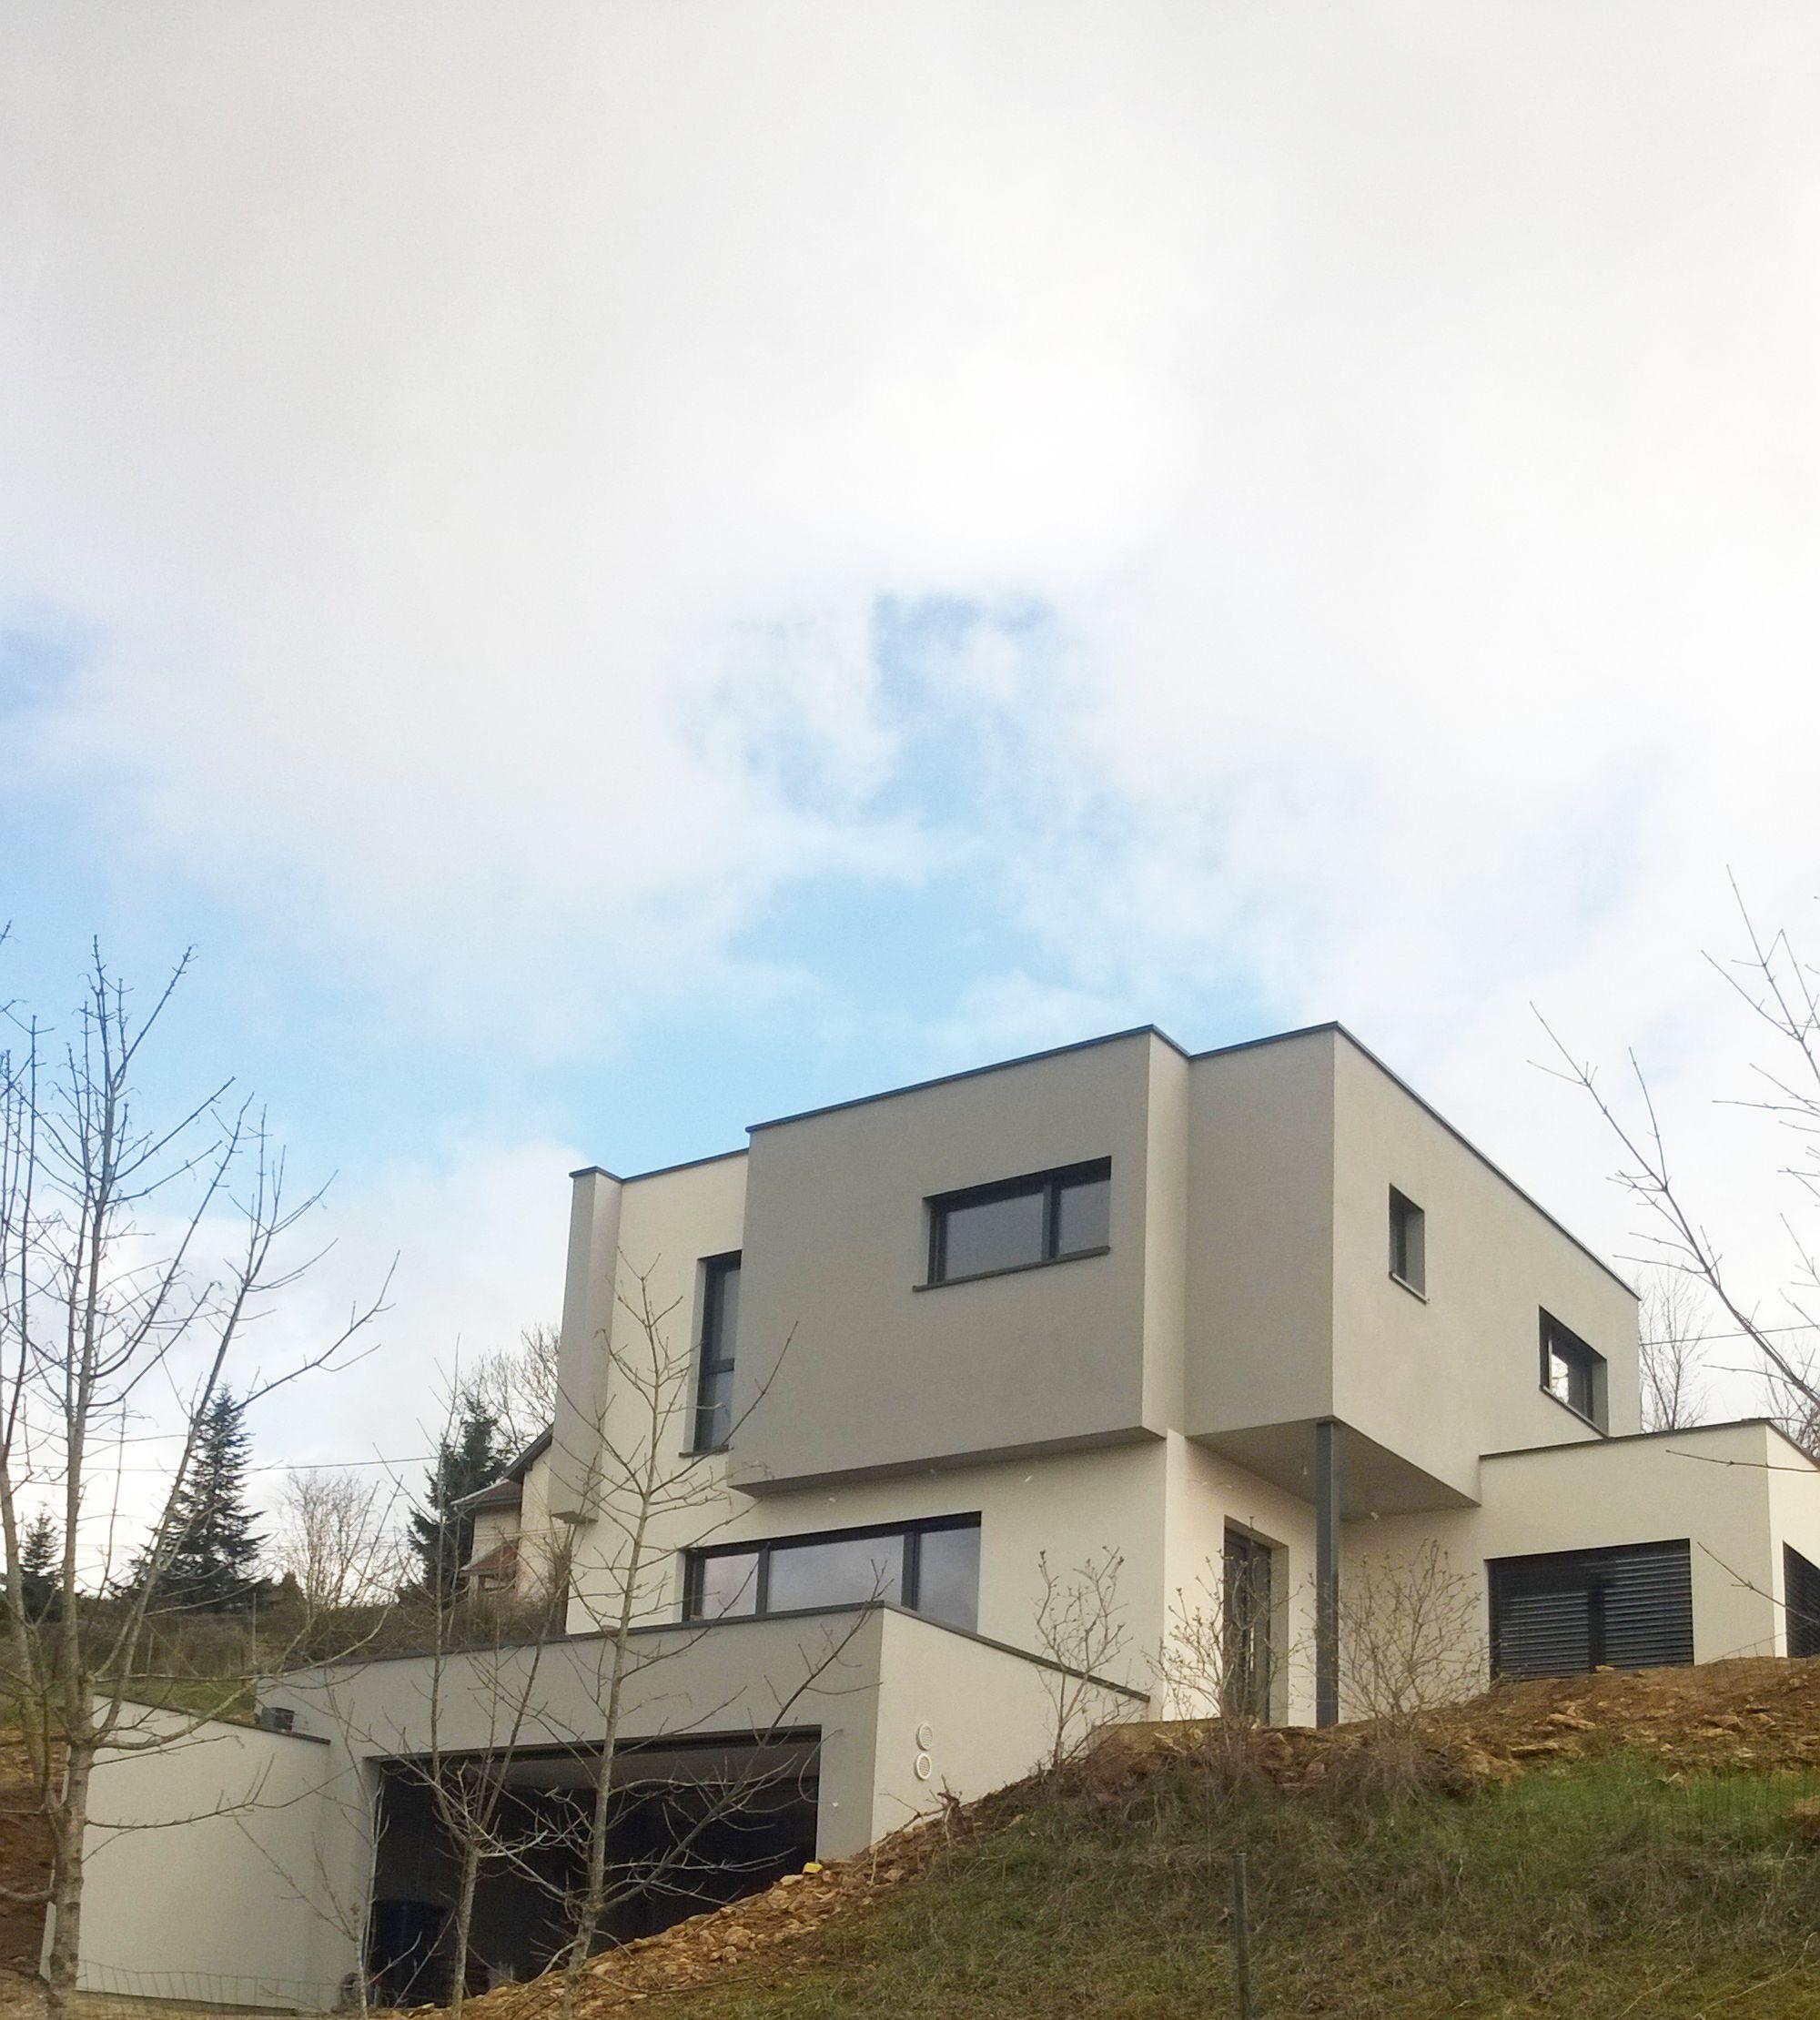 Maison d architecte contemporaine aux formes confuses entre toiture